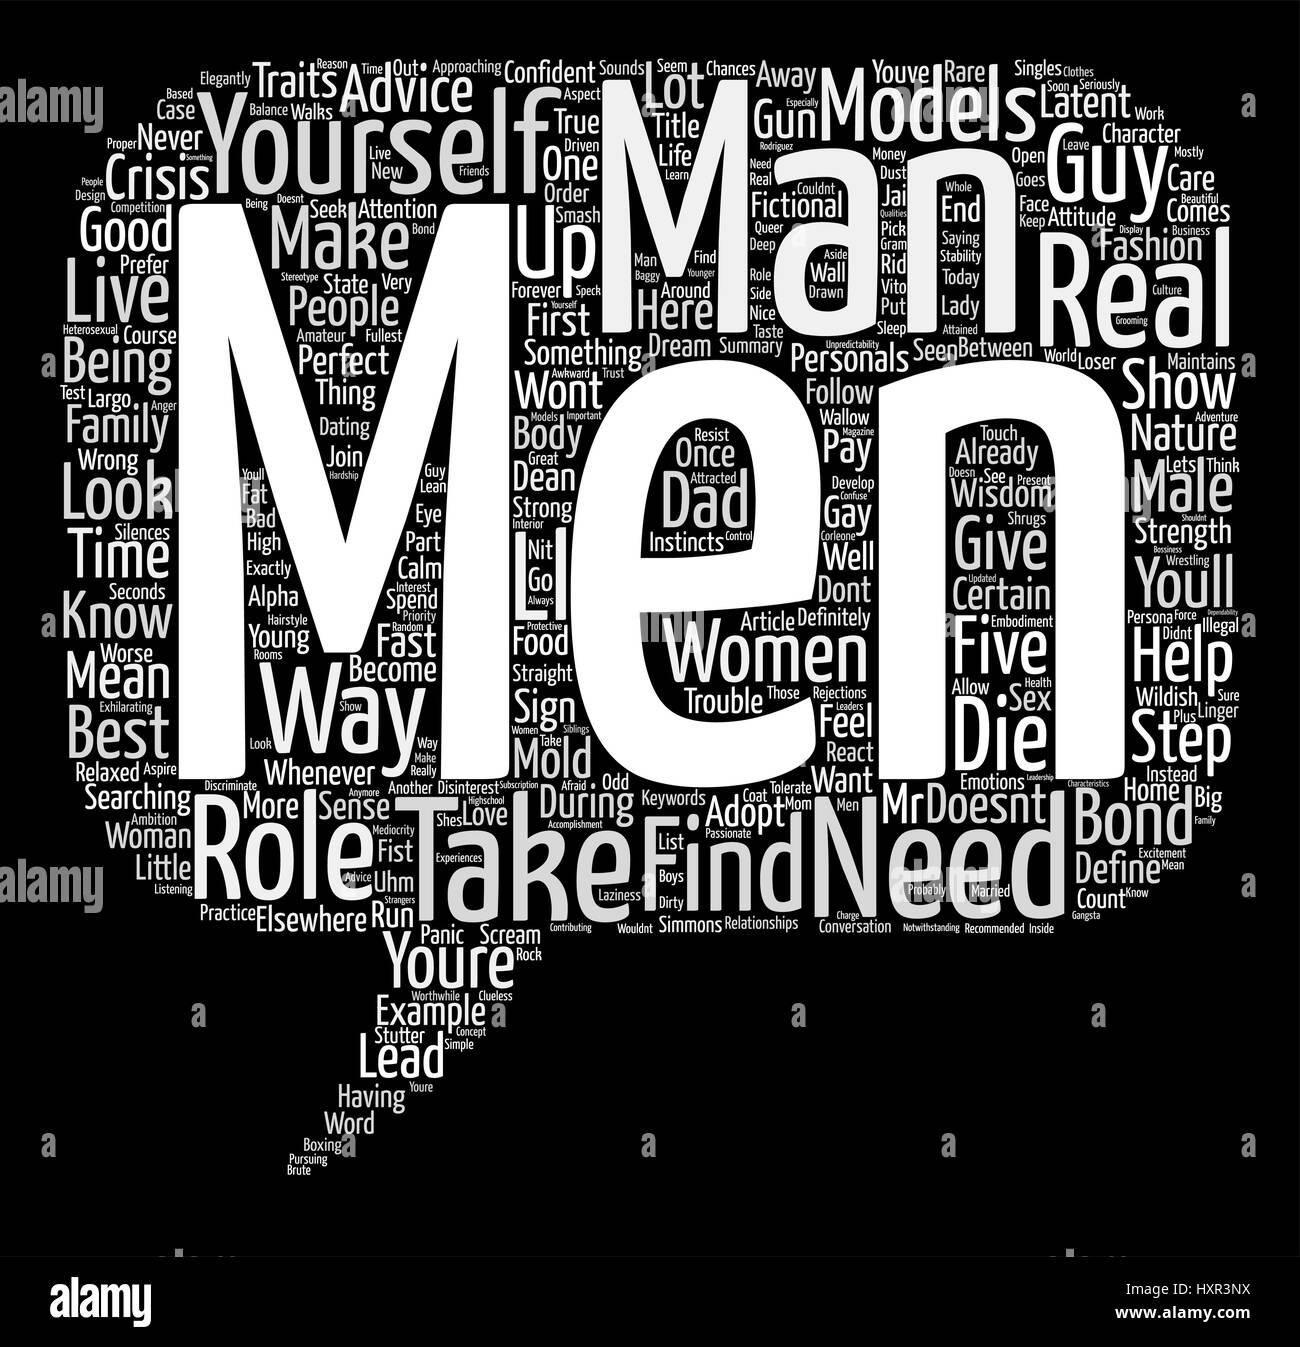 Les modèles masculins qui vous avez besoin et pourquoi vous en avez besoin mot Concept Cloud Background Texte Photo Stock